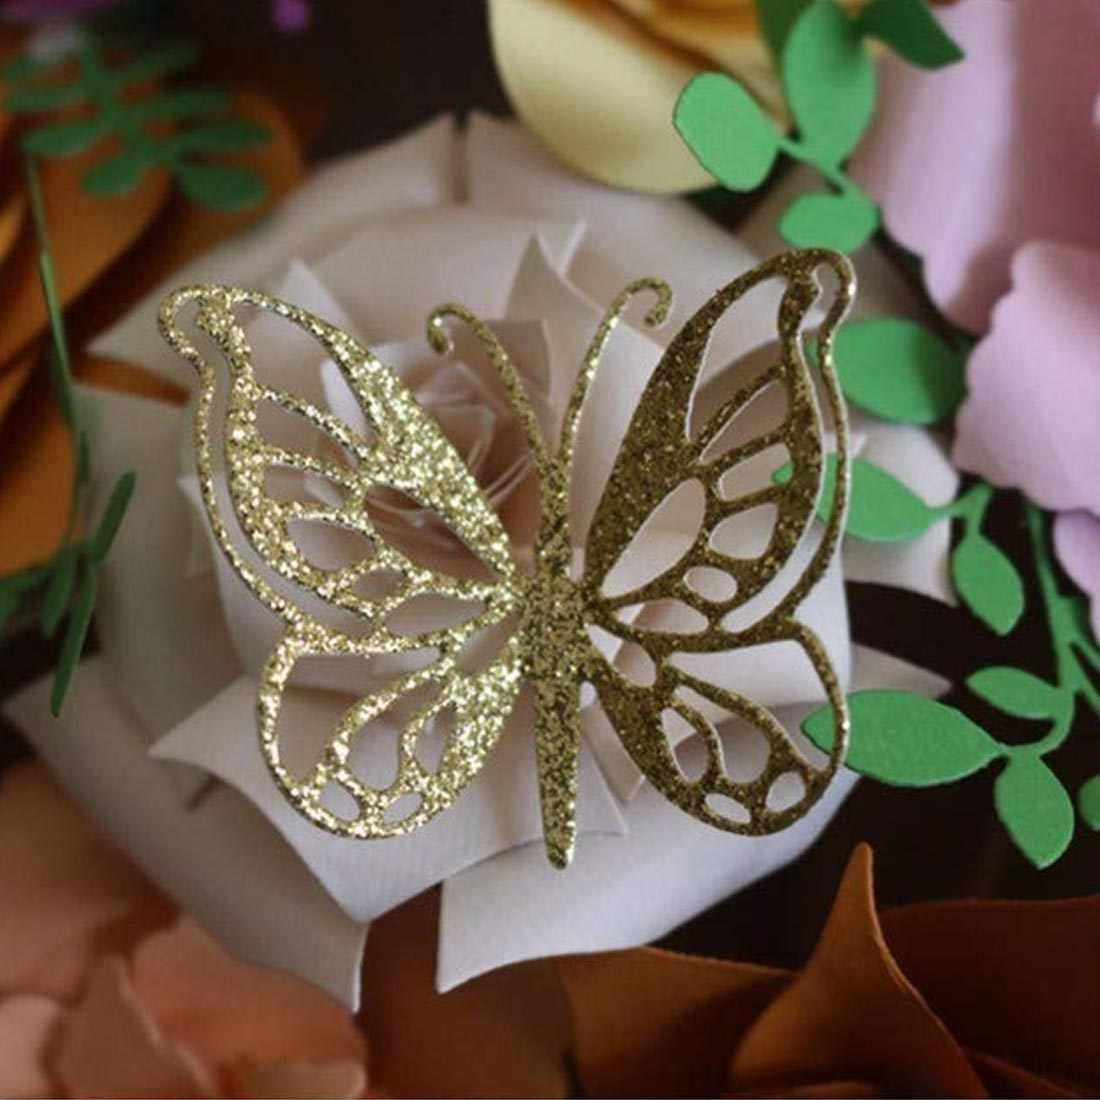 4 шт. бабочка с металлическим тиснением творческая головоломка разработка нож плесень индивидуальность нож из углеродистой стали режущие штампы